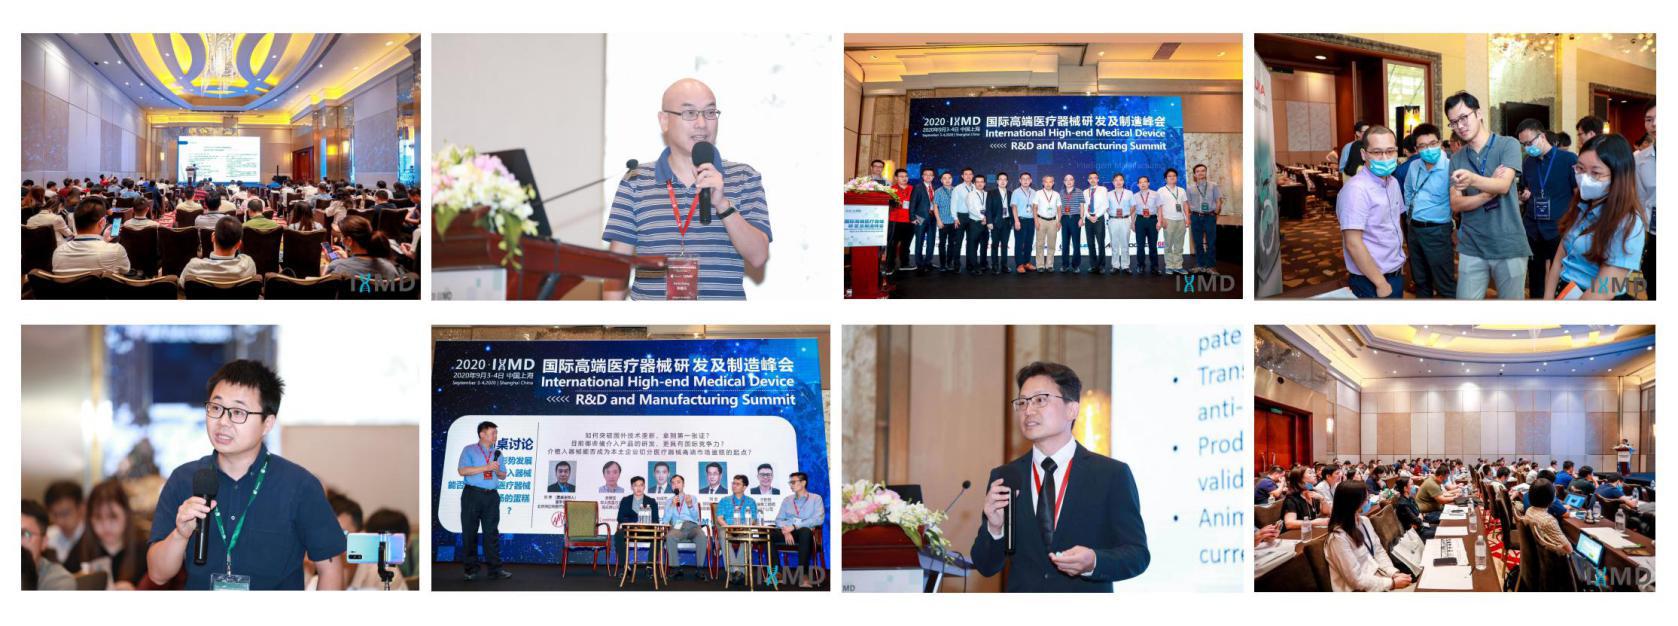 2021国际高端医疗器械制造及研发峰会(IHMD)强势来袭!